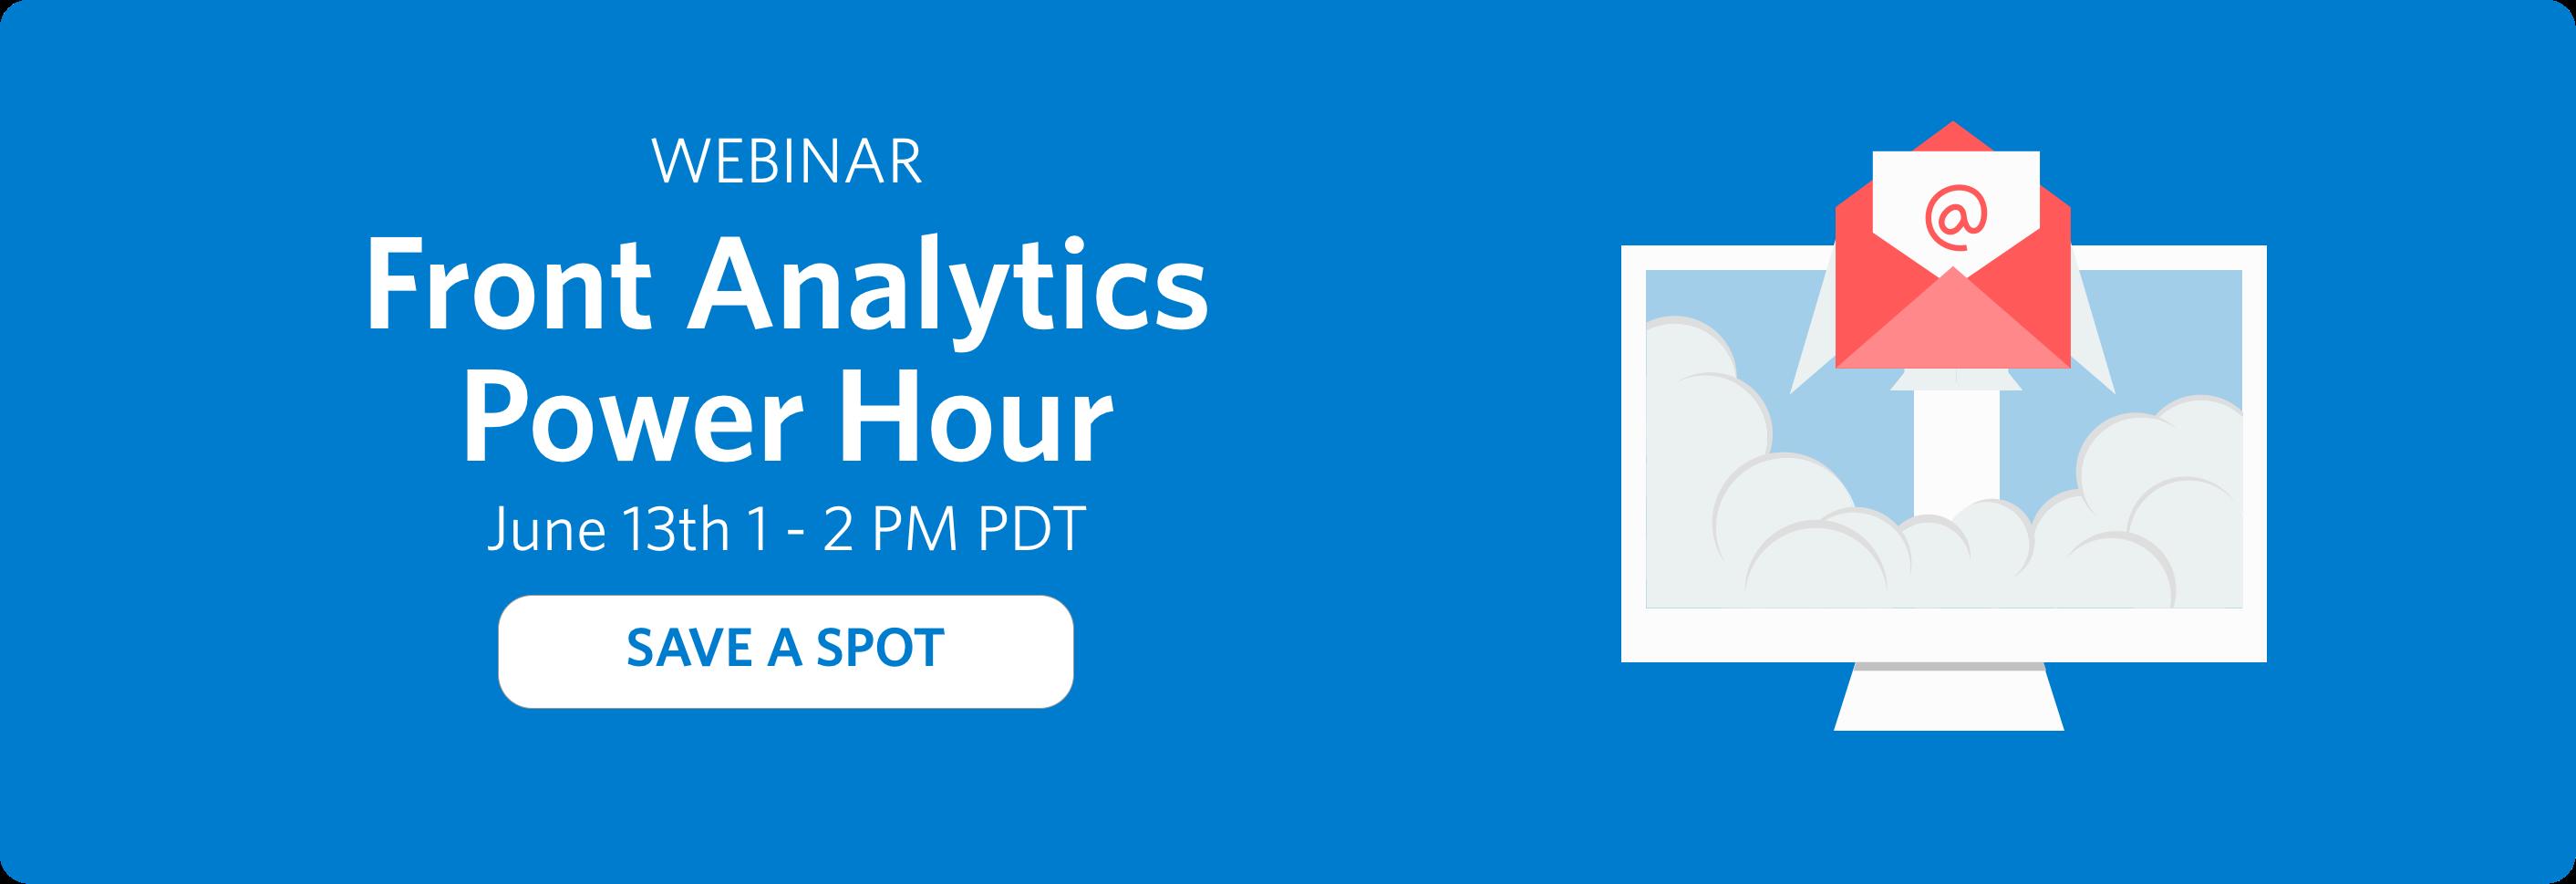 Register for the Front Analytics Power Hour Webinar